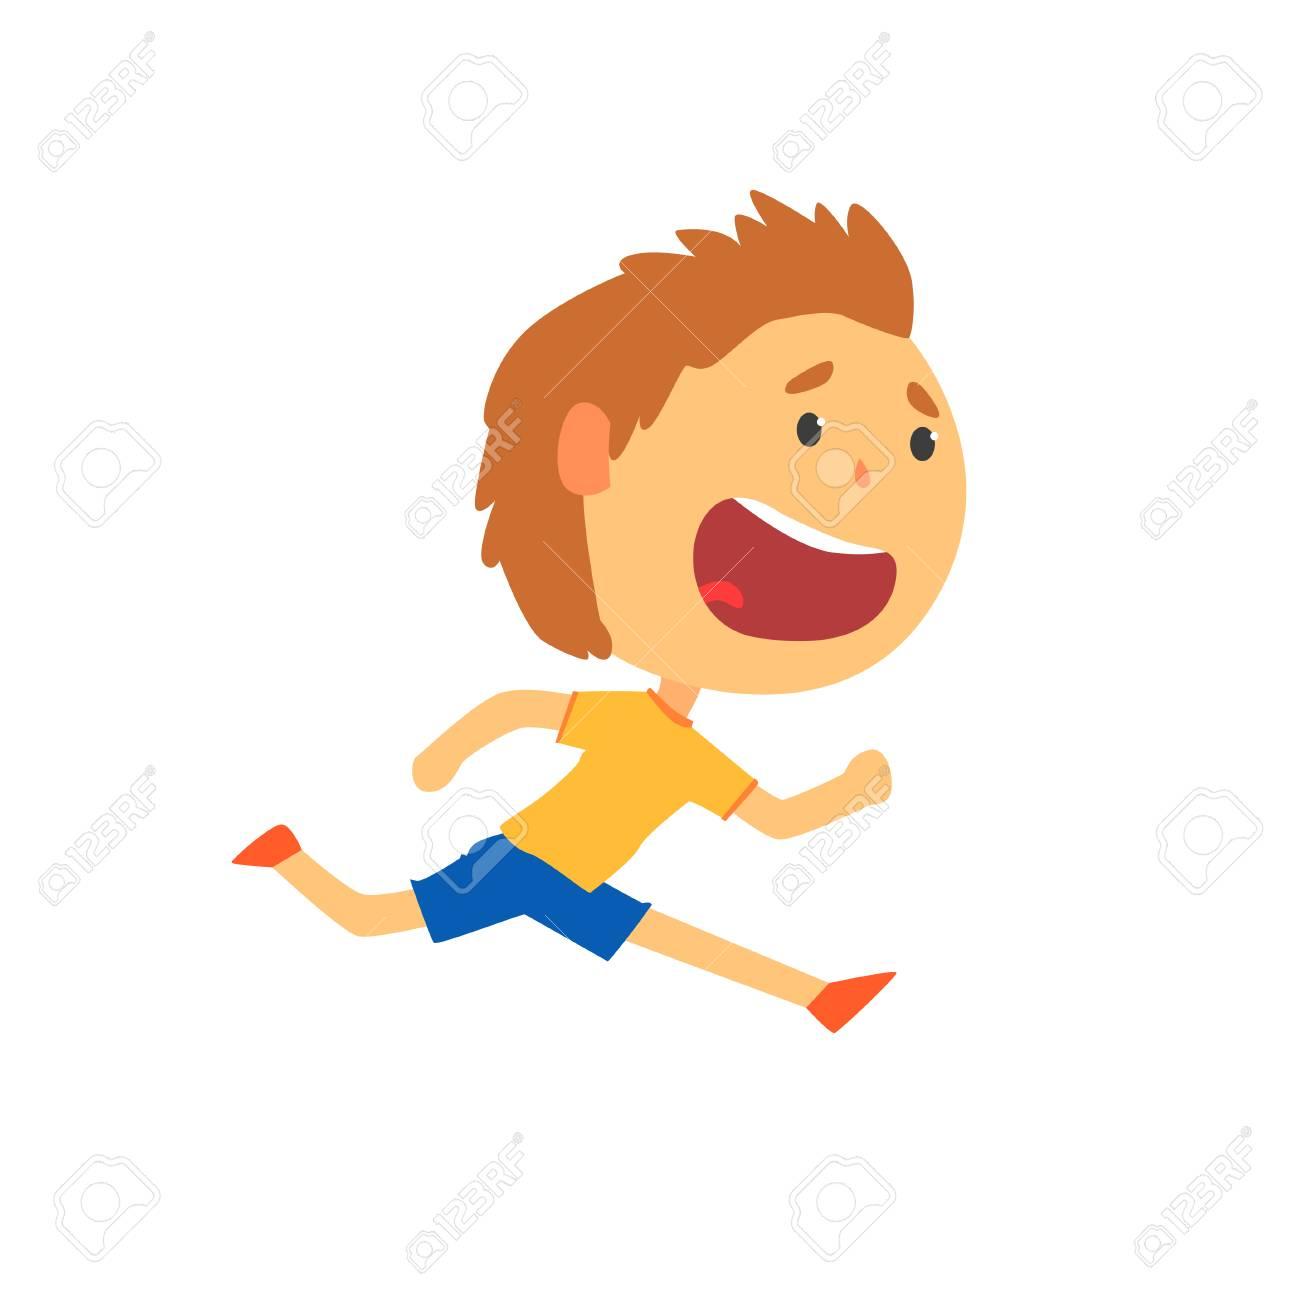 Nino Feliz Corriendo Ninos Actividad Fisica Vector De Dibujos Animados Ilustraciones Vectoriales Clip Art Vectorizado Libre De Derechos Image 88055642